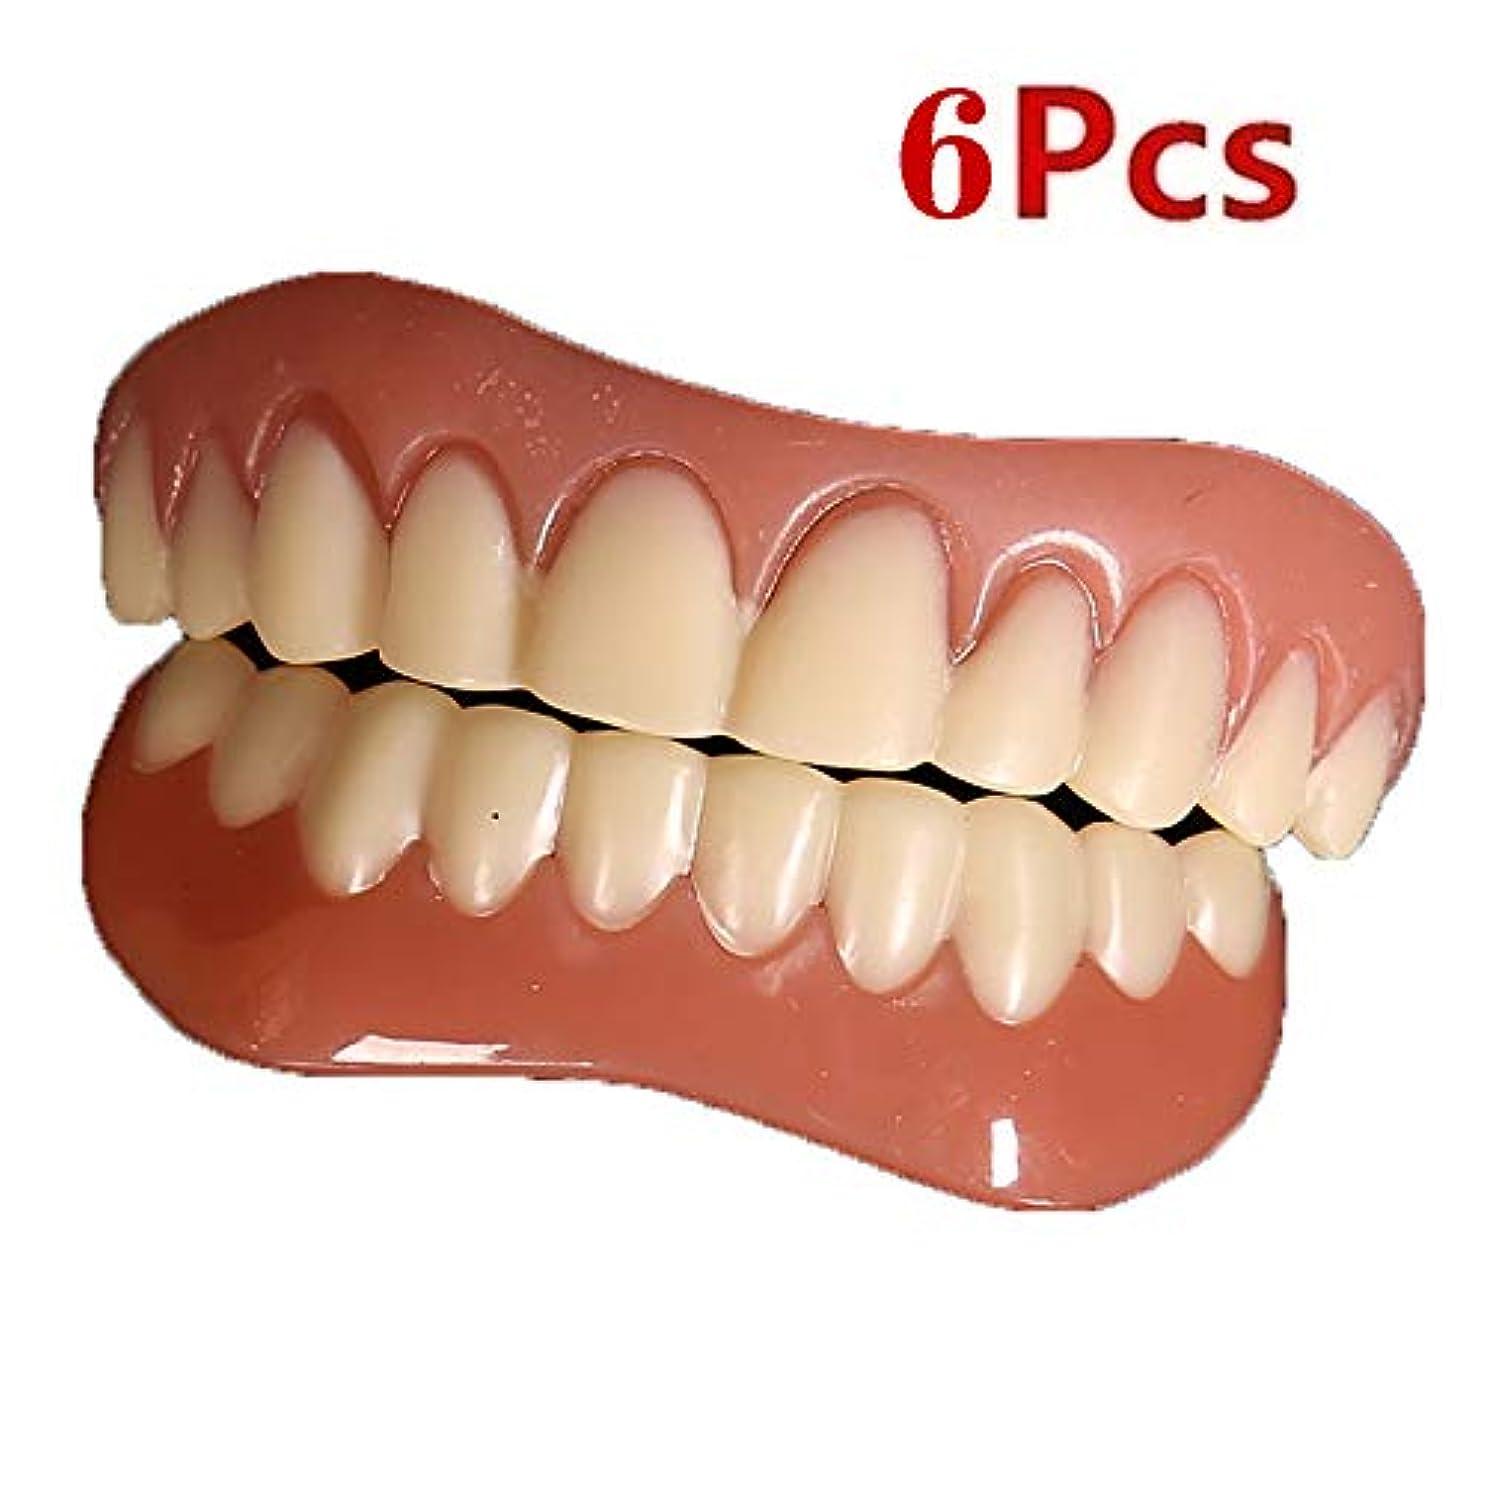 権限高める欺即時の微笑の歯の上部のより低いベニヤの慰めの適合の歯のベニヤ、歯科ベニヤの慰めの適合の歯の上の化粧品のベニヤワンサイズはすべての義歯の接着剤の歯に入れます